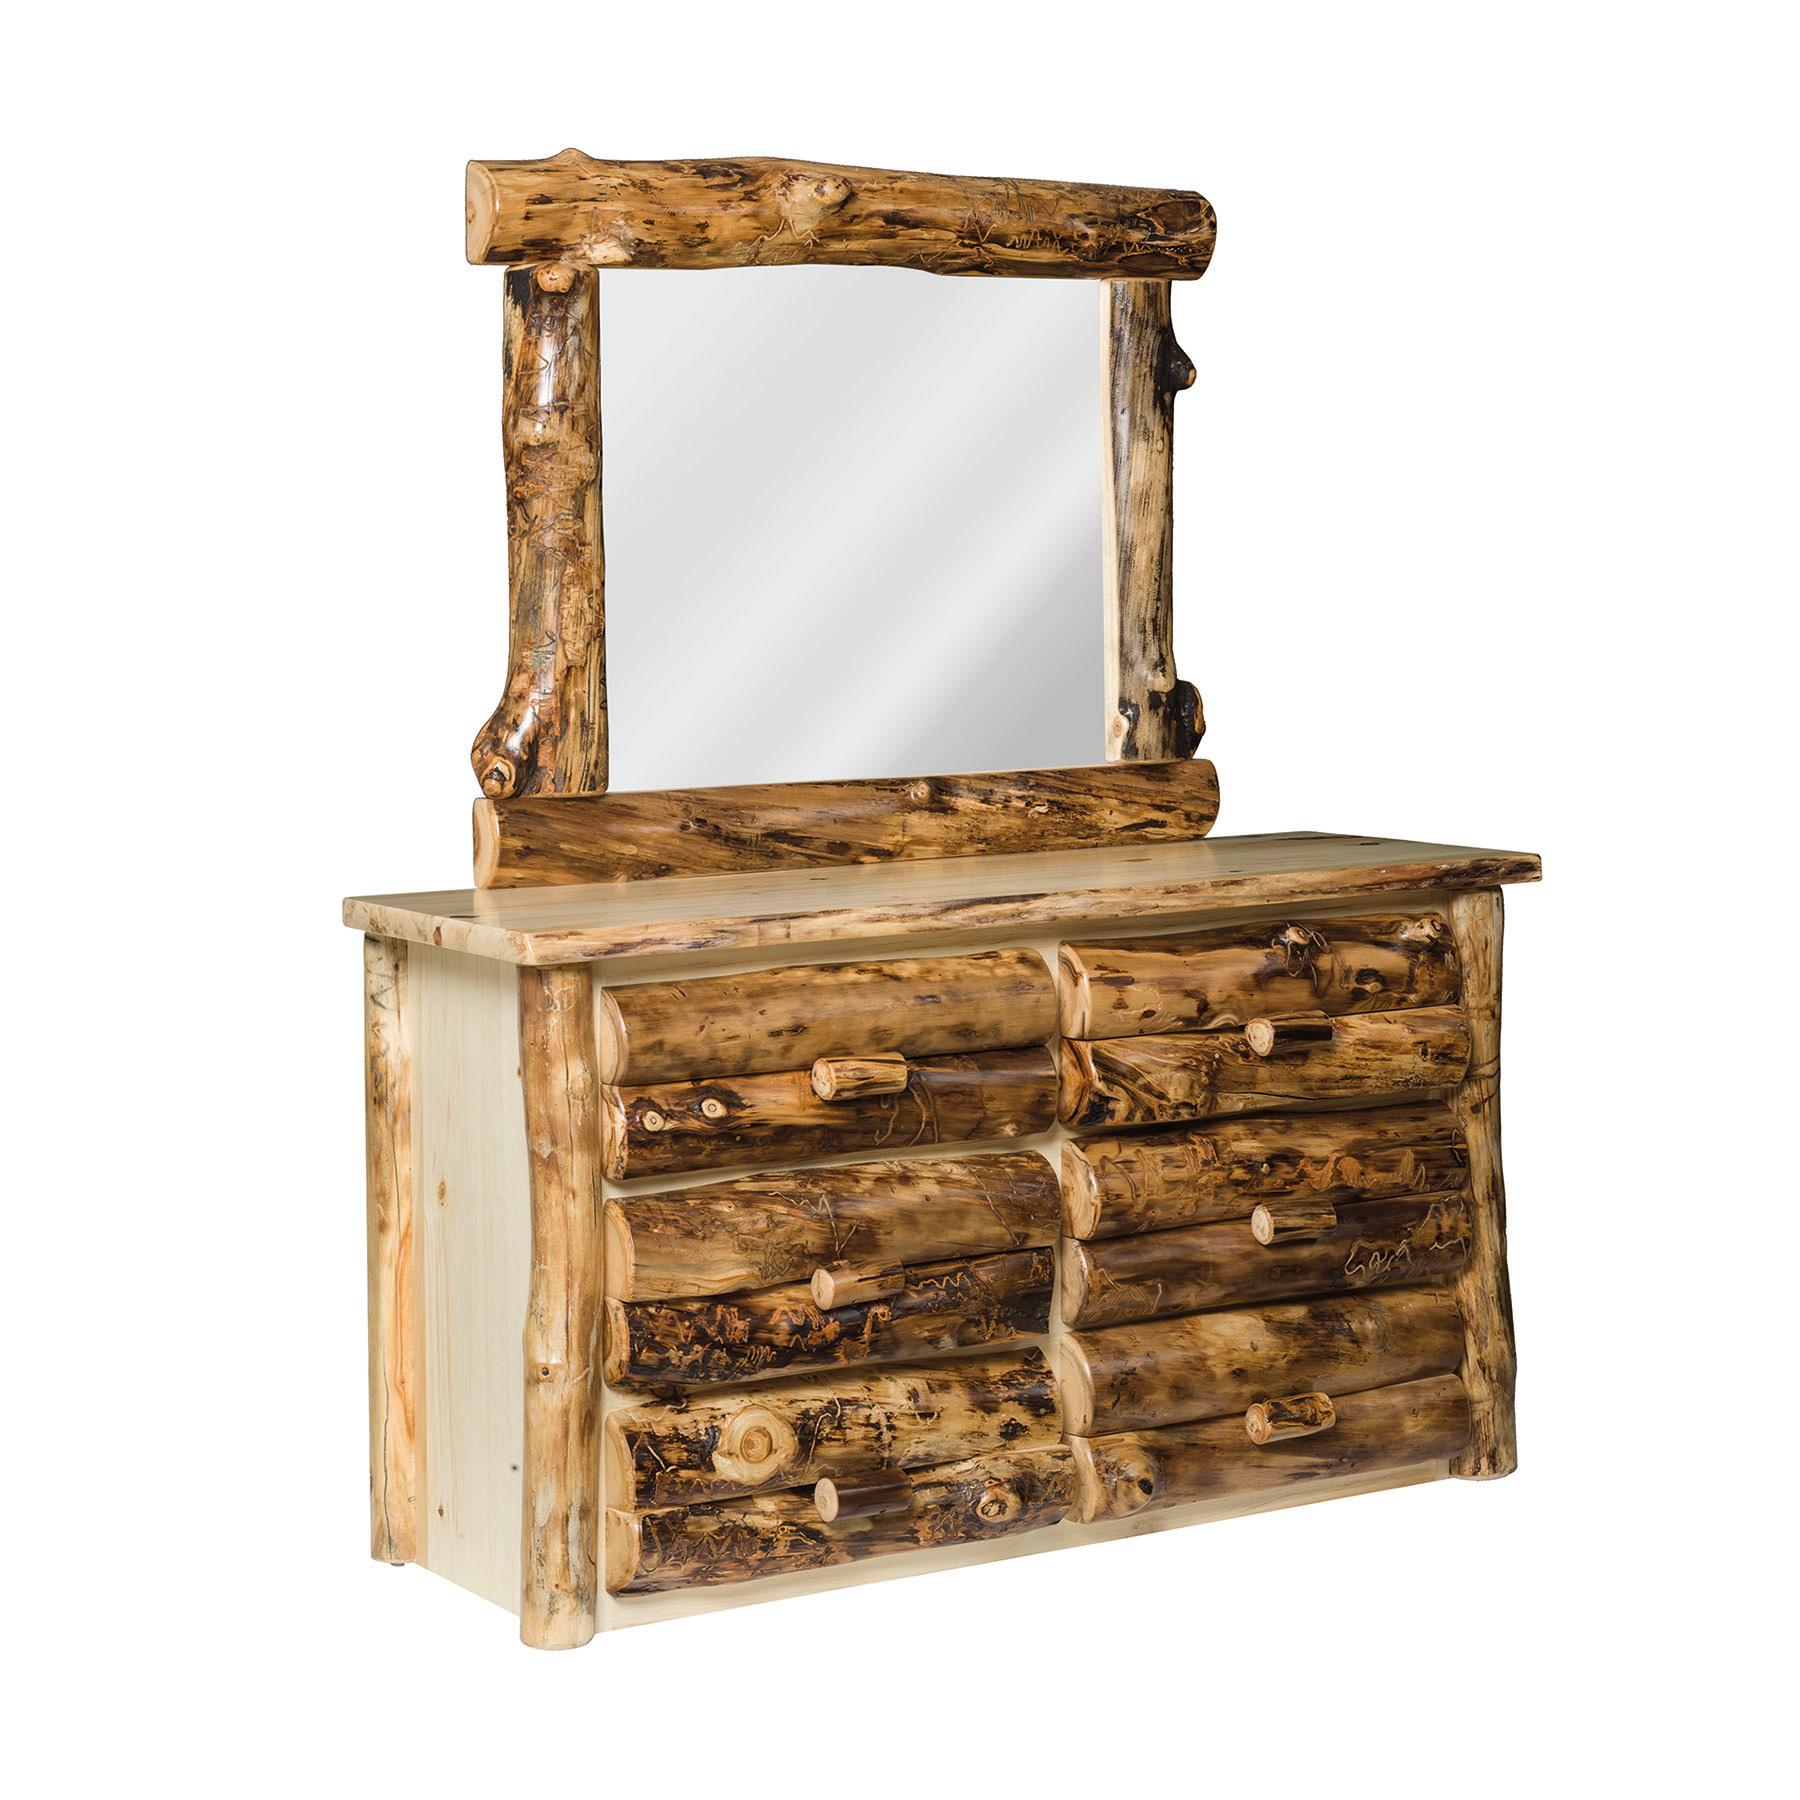 6 Drawer Dresser and Mirror